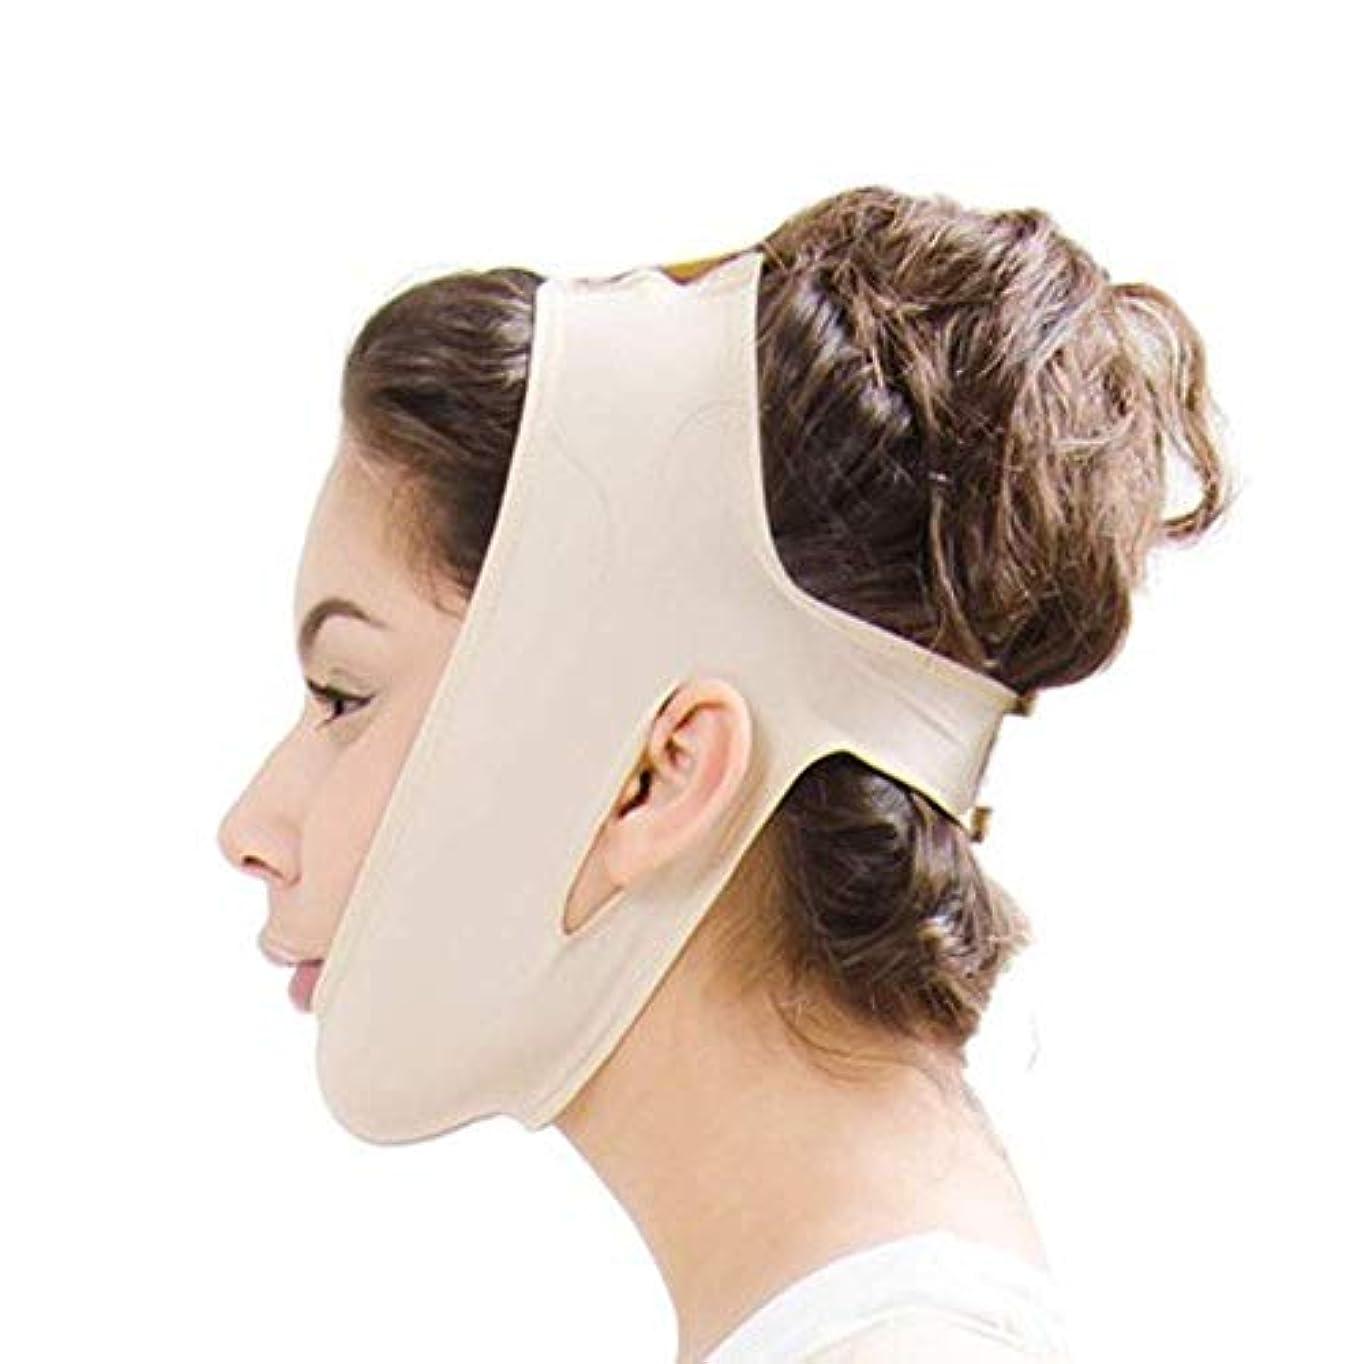 コジオスコ敵対的品フェイスリフティングマスク、フェイスダブルチンコンプレッションシンスモールVフェイスバンデージヘッドギアリフティングファーミングスキン(サイズ:M)